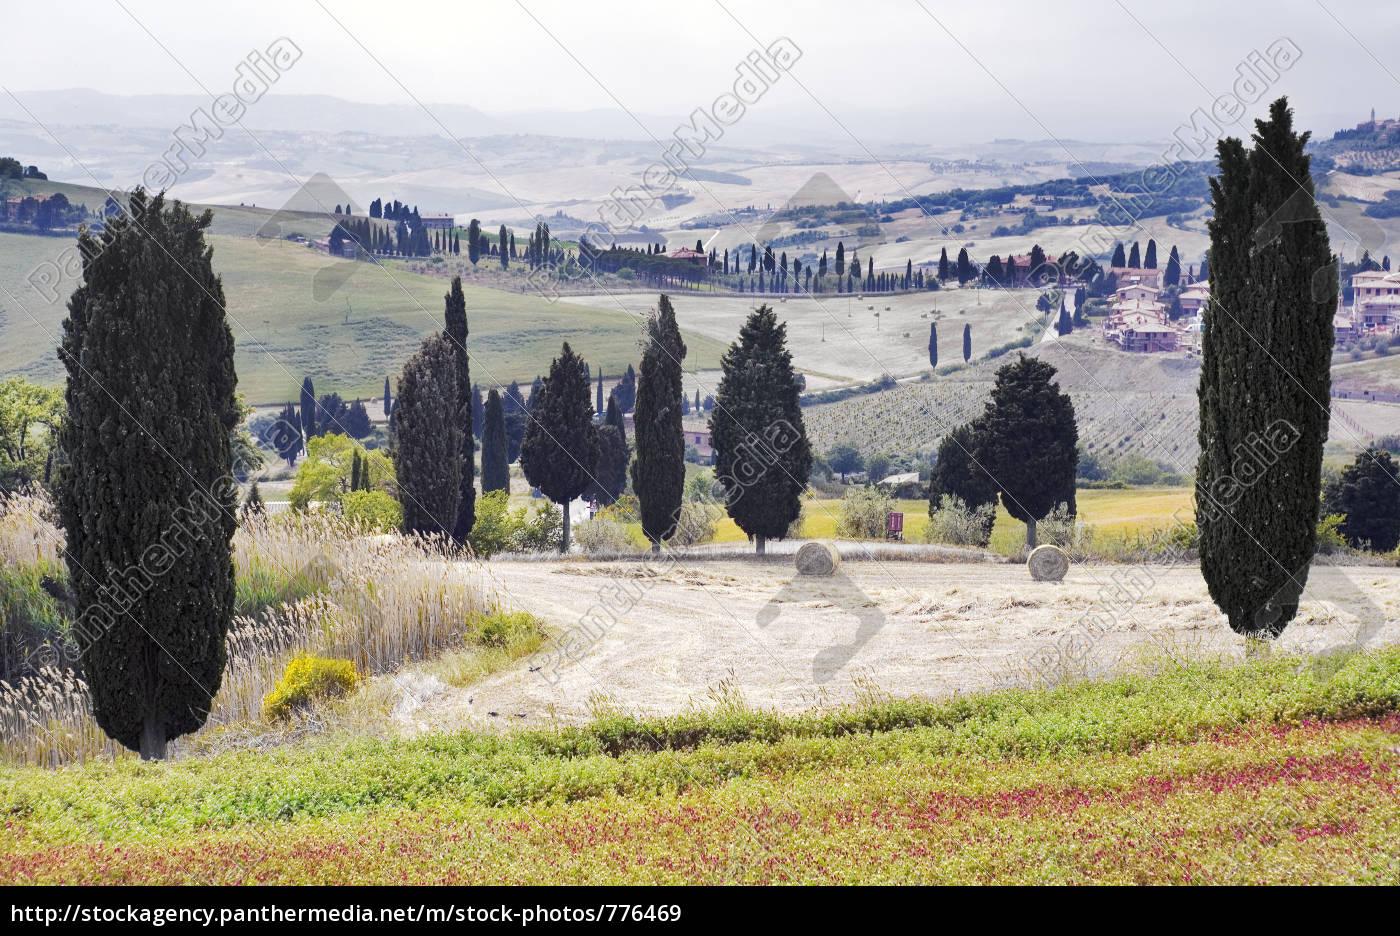 tuscany - 776469